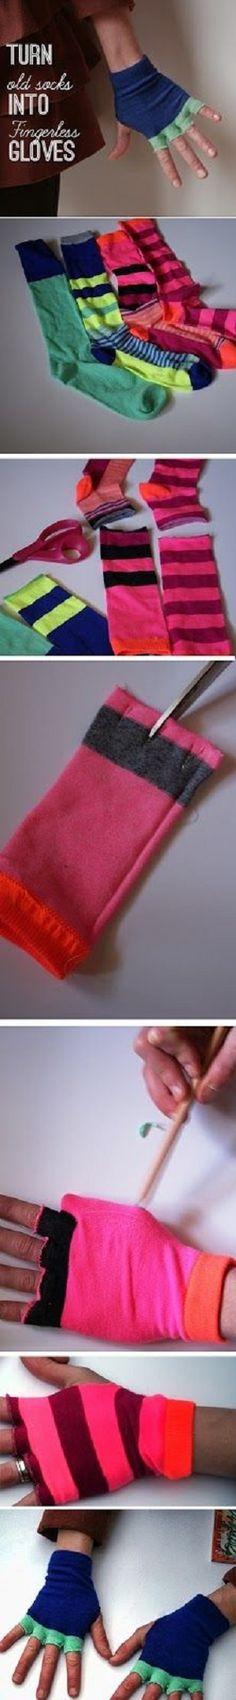 Para evitar que nuestras manos lleguen al punto de congelación, es necesario usar guantes para protegerlas del mal clima. Pero rara vez encontramos unos que realmente nos gusten, ya que la mayoría son simplones, feos o muy caros. Por eso hoy les traigo 8 tipos de guantespara que ustedes mismas los hagan. 1. Consigue unas …